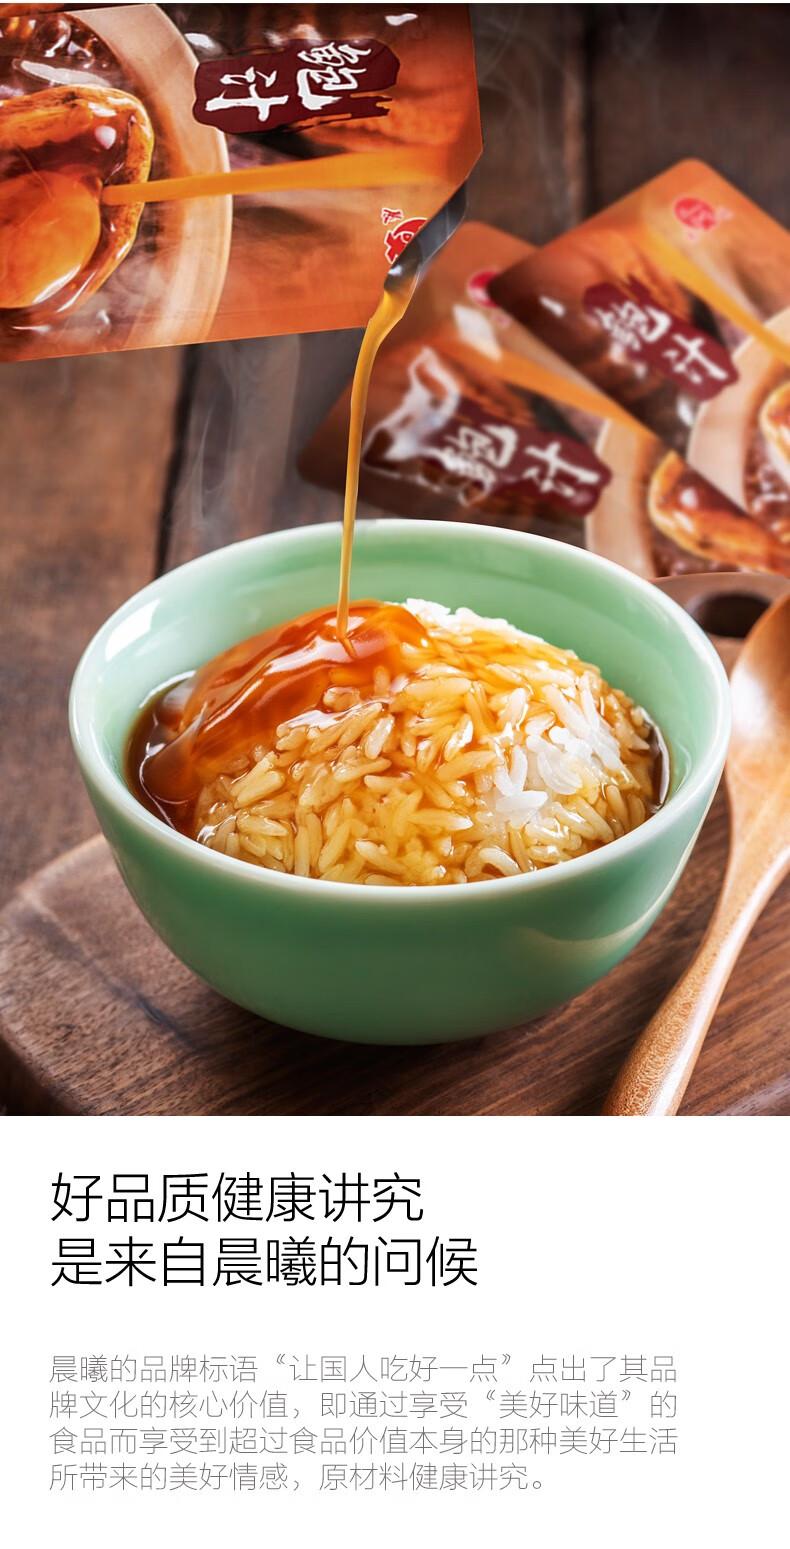 晨曦 鲍鱼汁158g*10 鲍汁鲍捞饭酱汁 加热即食鱼饭鲍鱼提鲜调味料